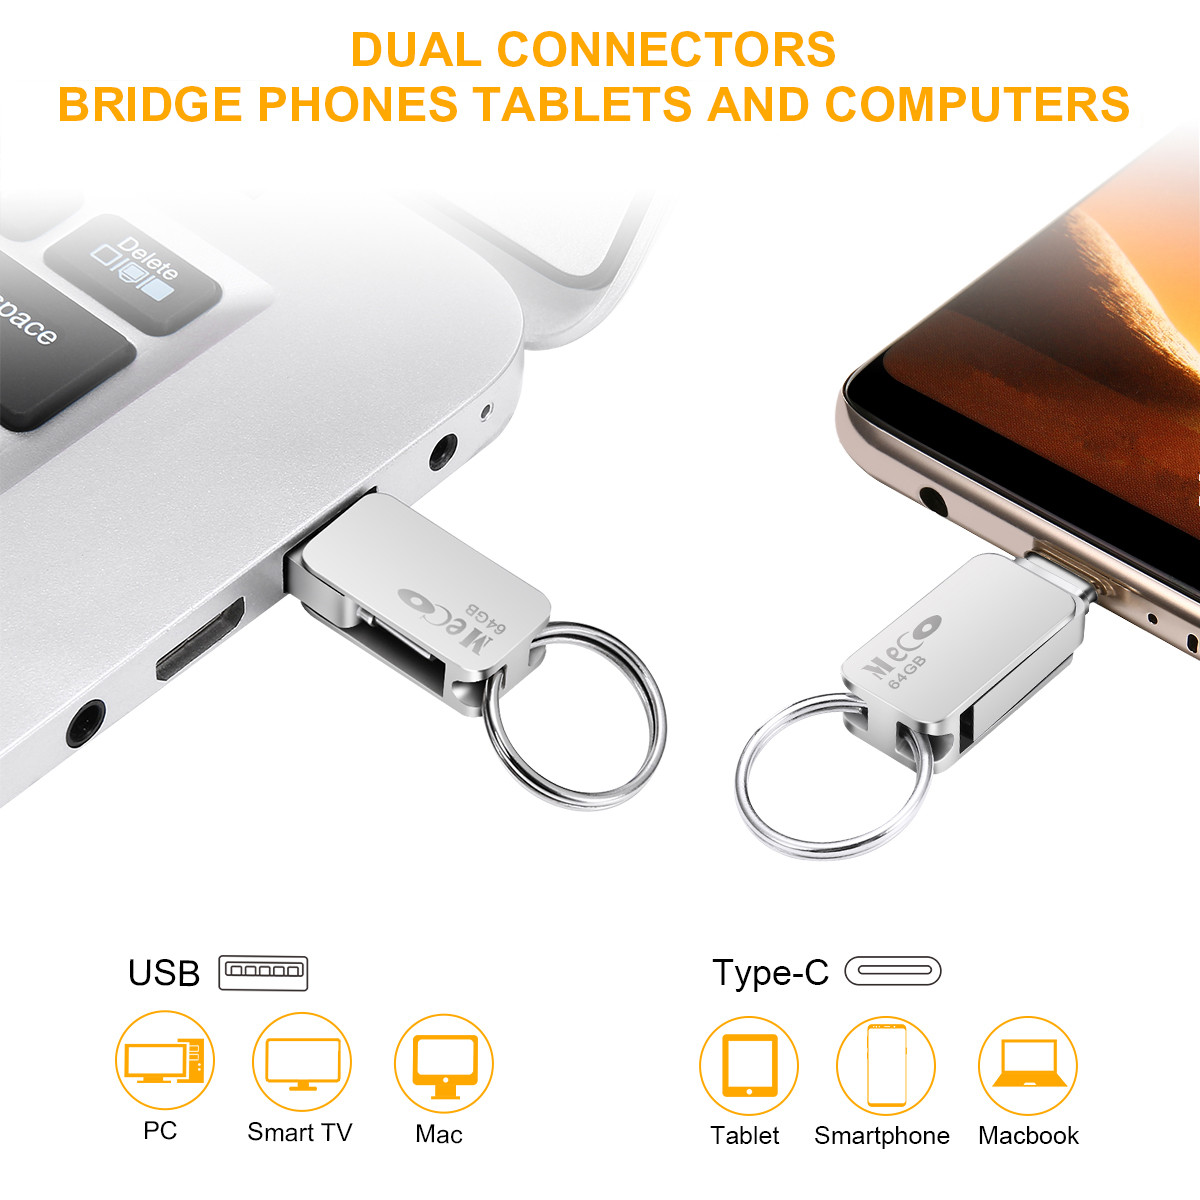 64 gb 2 Dans 1 USB 3.1 Gen 2 USB 3.0 Et Type-C USB Flash Drive Pen Drive avec OTG Fonction Haute Vitesse Mini-clé usb Memory Stick